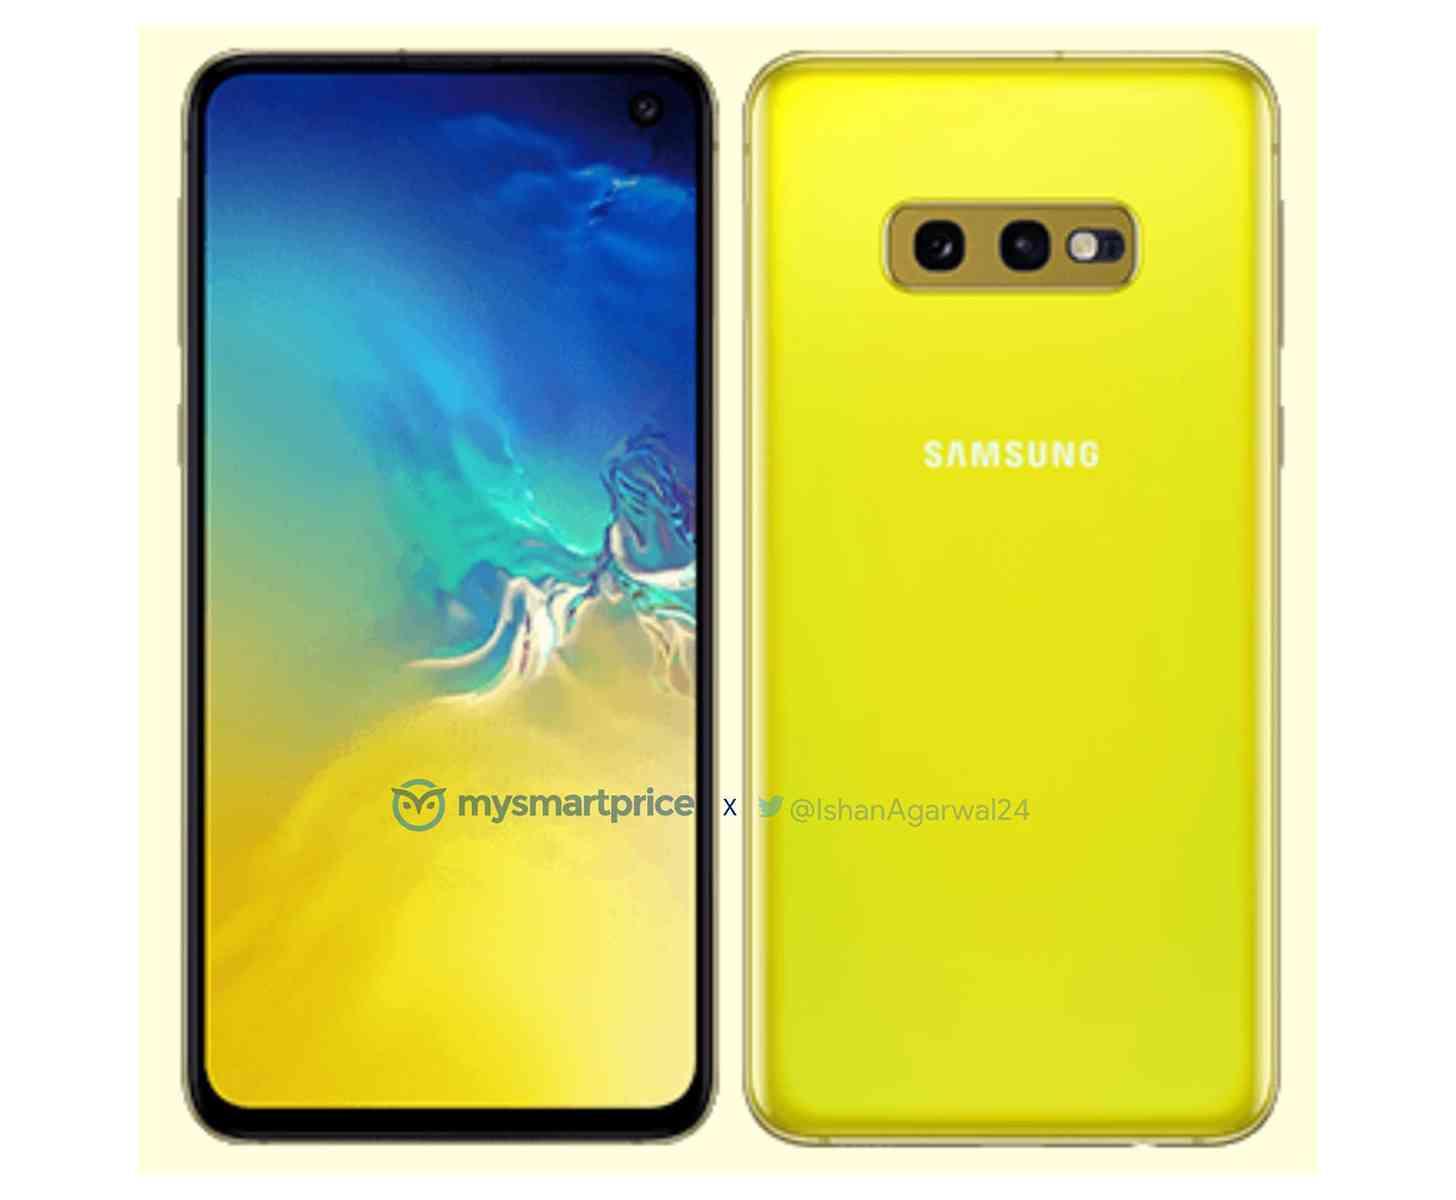 Samsung Galaxy S10e vaza novamente, desta vez na cor Canary Yellow